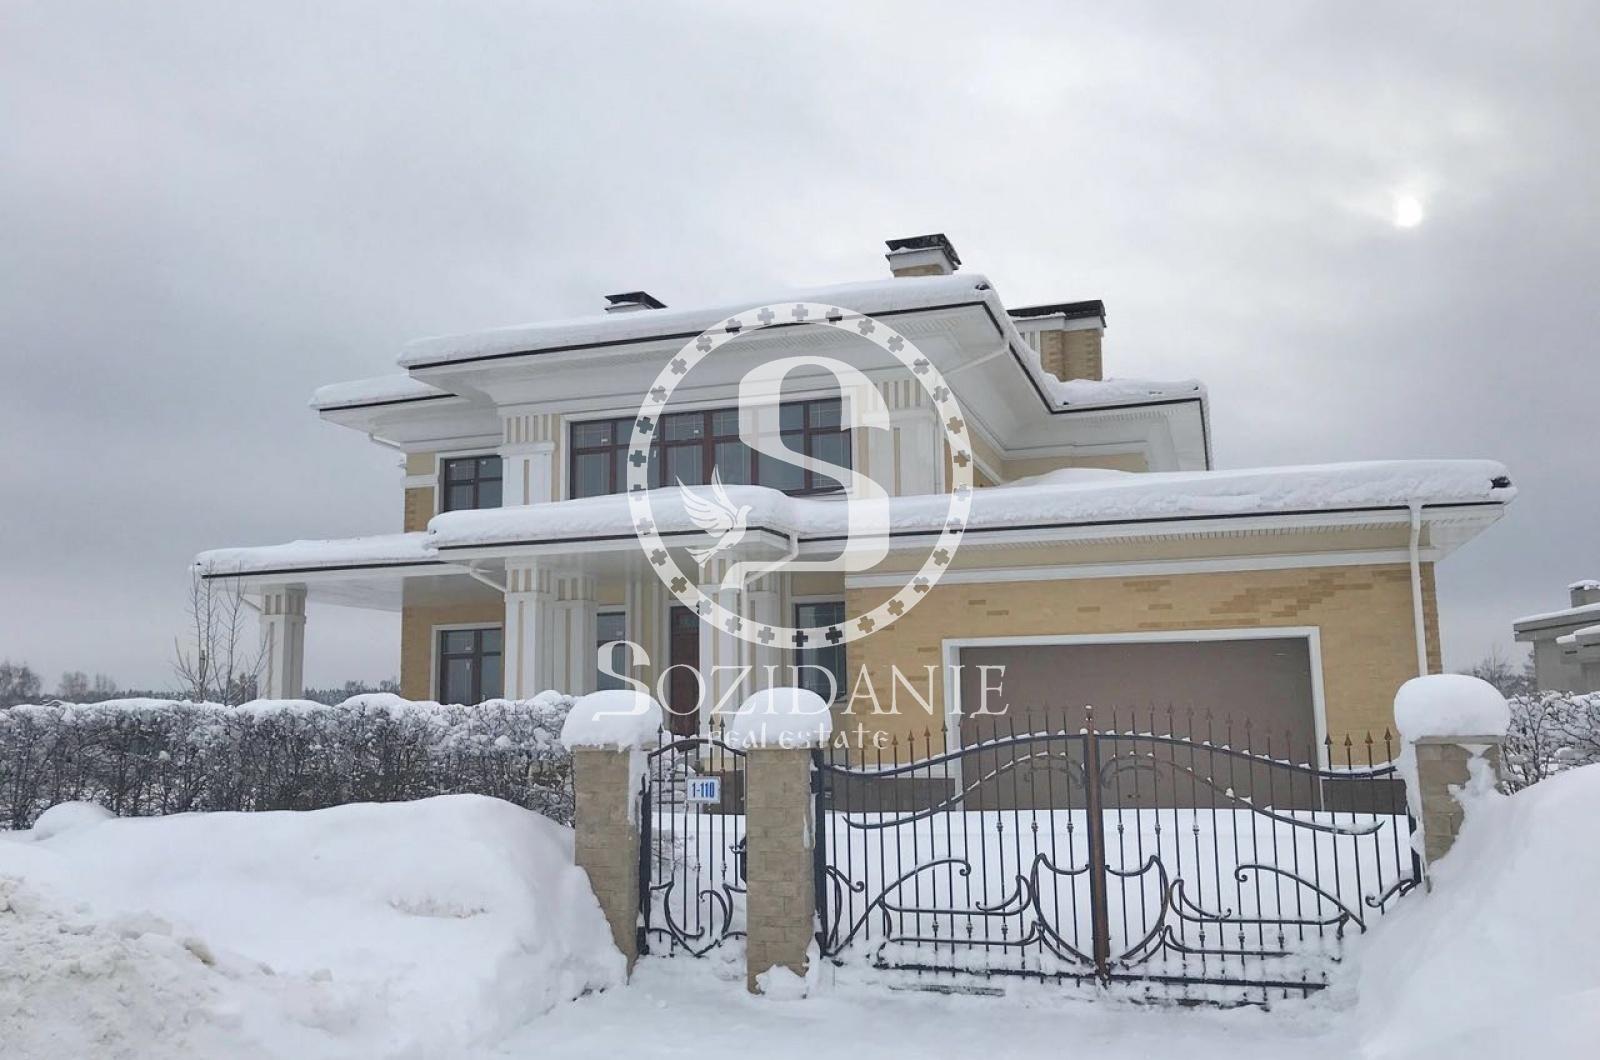 4 Bedrooms, Загородная, Продажа, Listing ID 4023, Московская область, Россия,